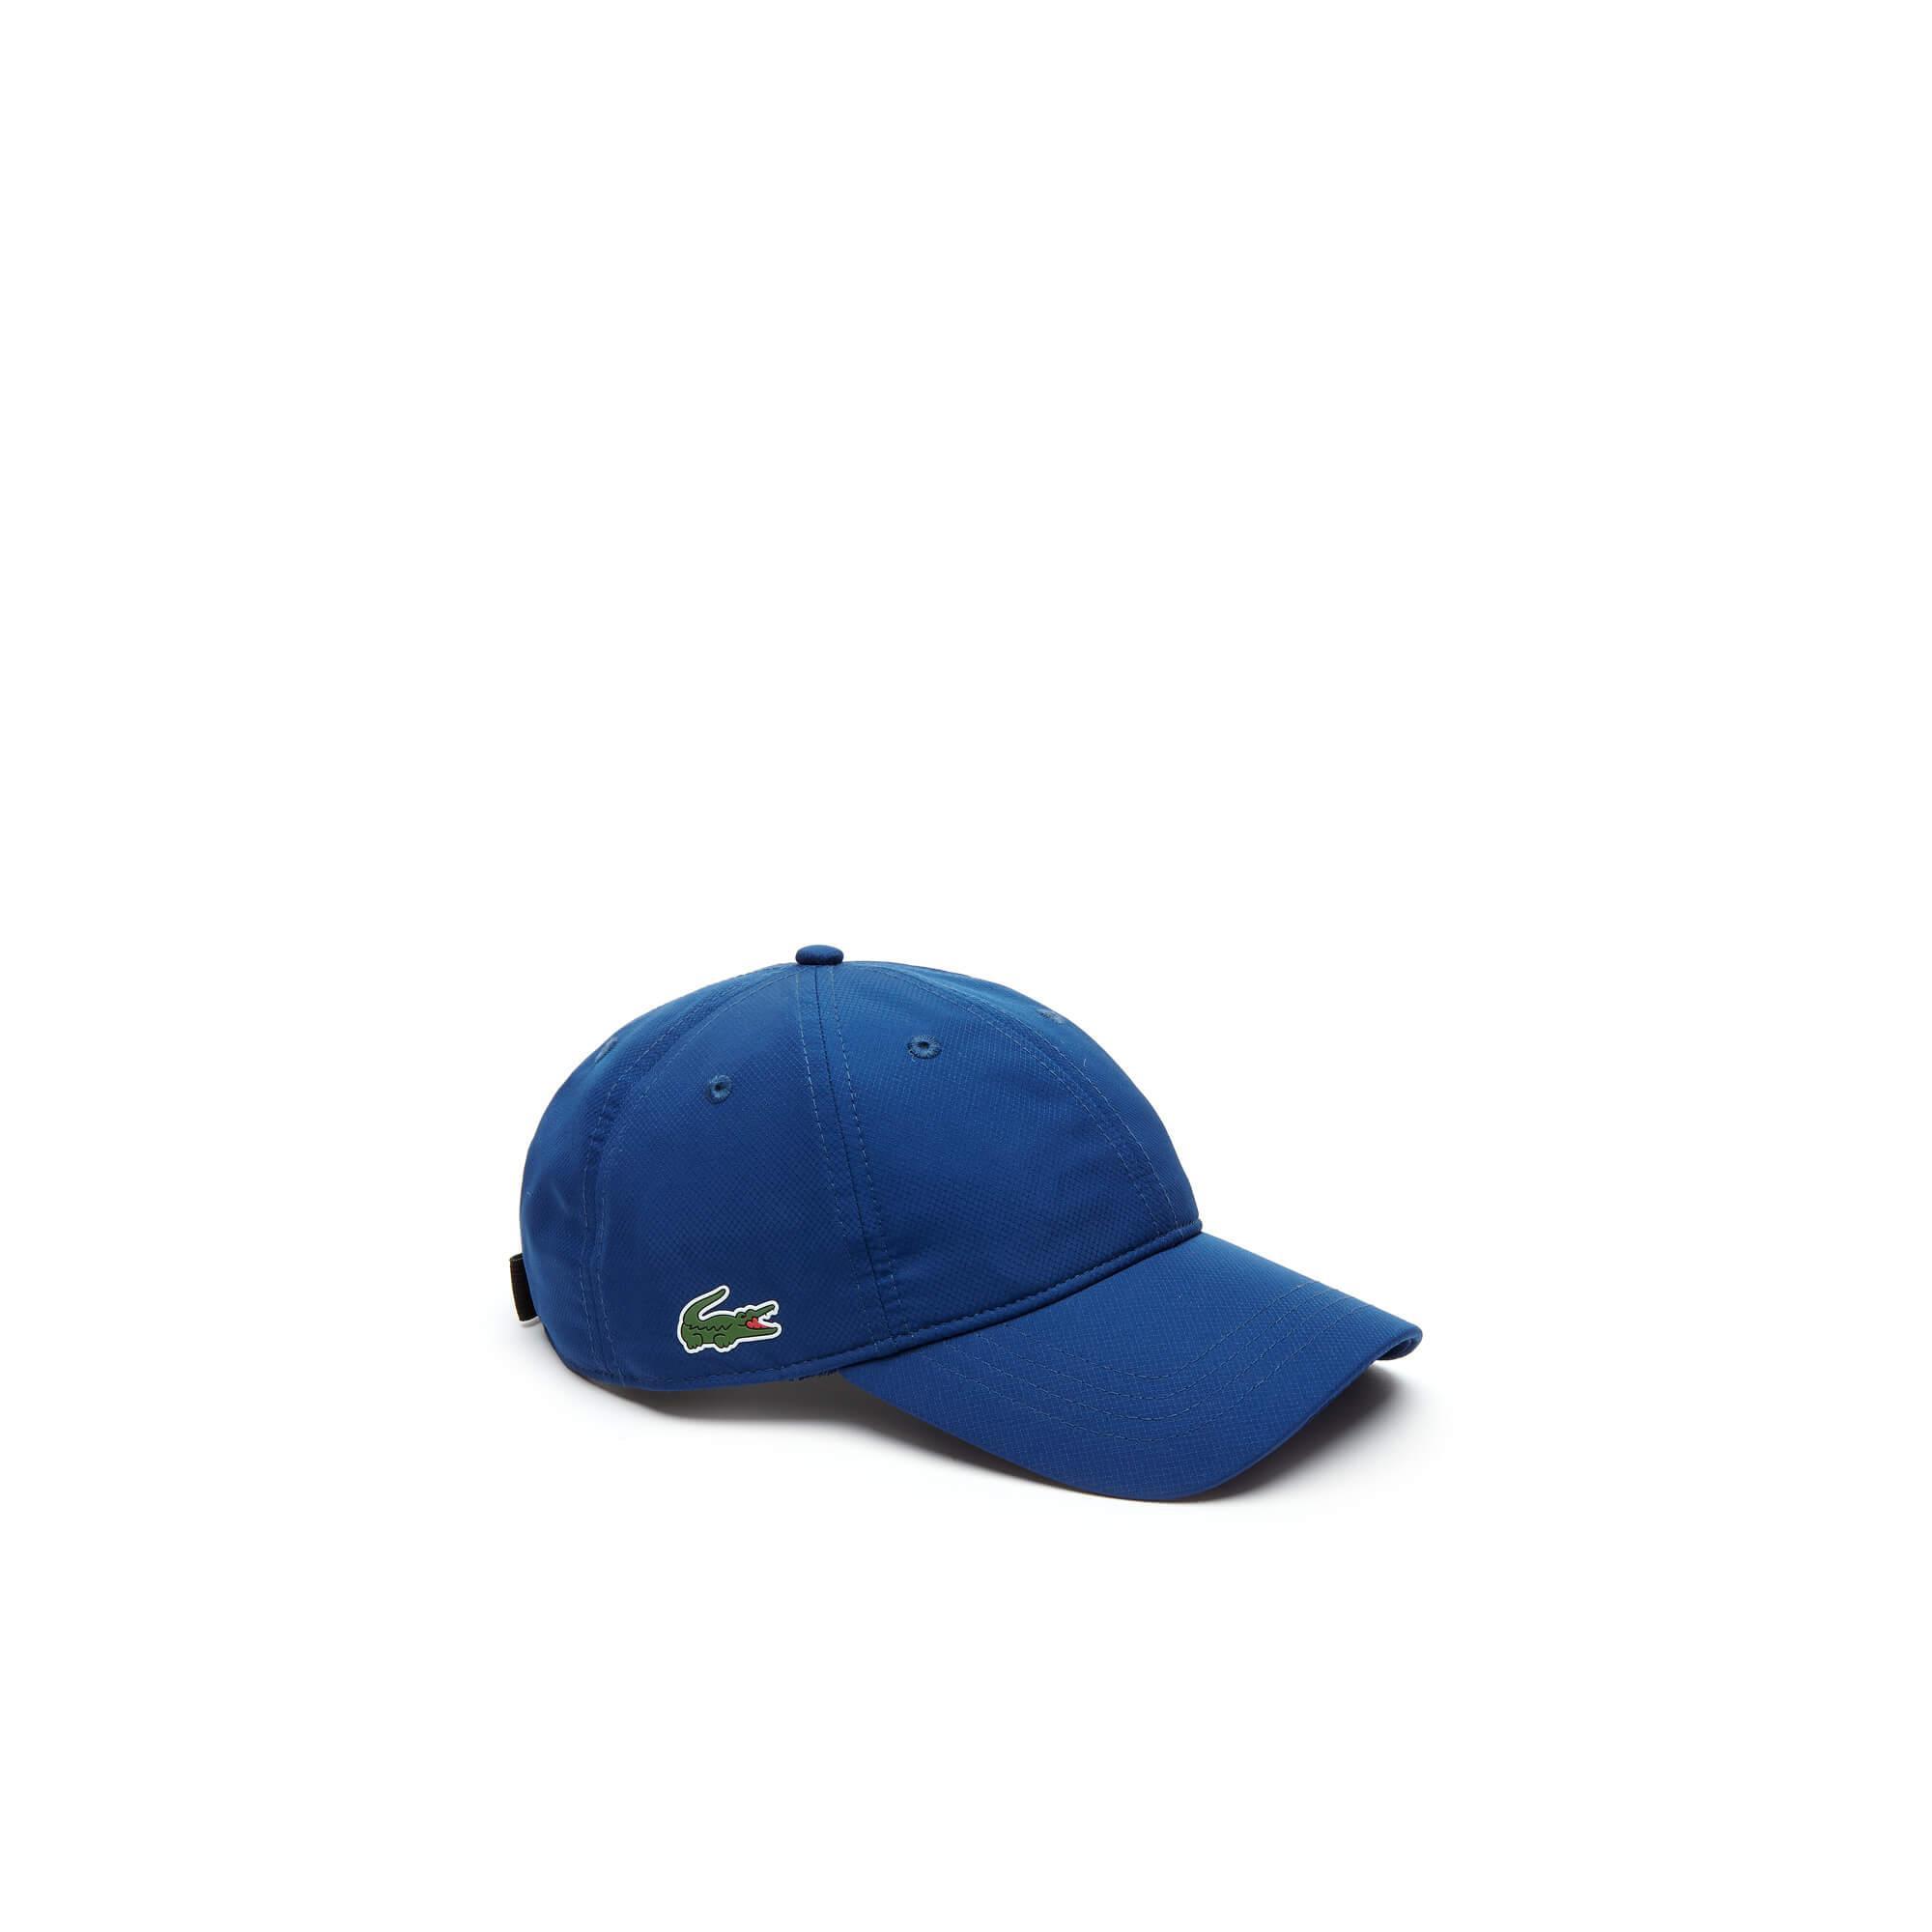 Lacoste Erkek Mavi Spor Şapka